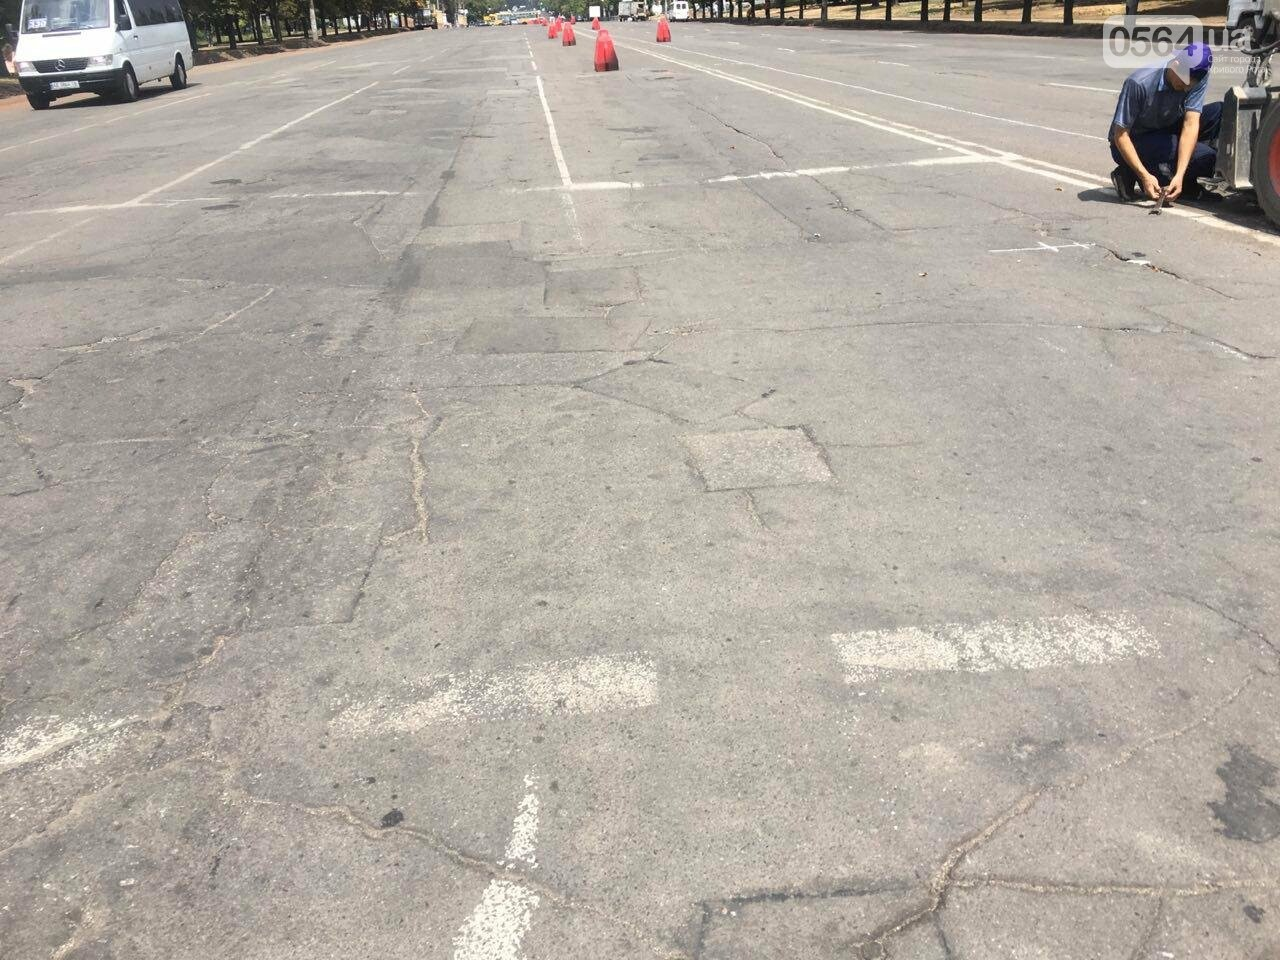 С сегодняшнего дня на центральном проспекте Кривого Рога отменены 3 остановки и запрещена парковка, - ФОТО, фото-7